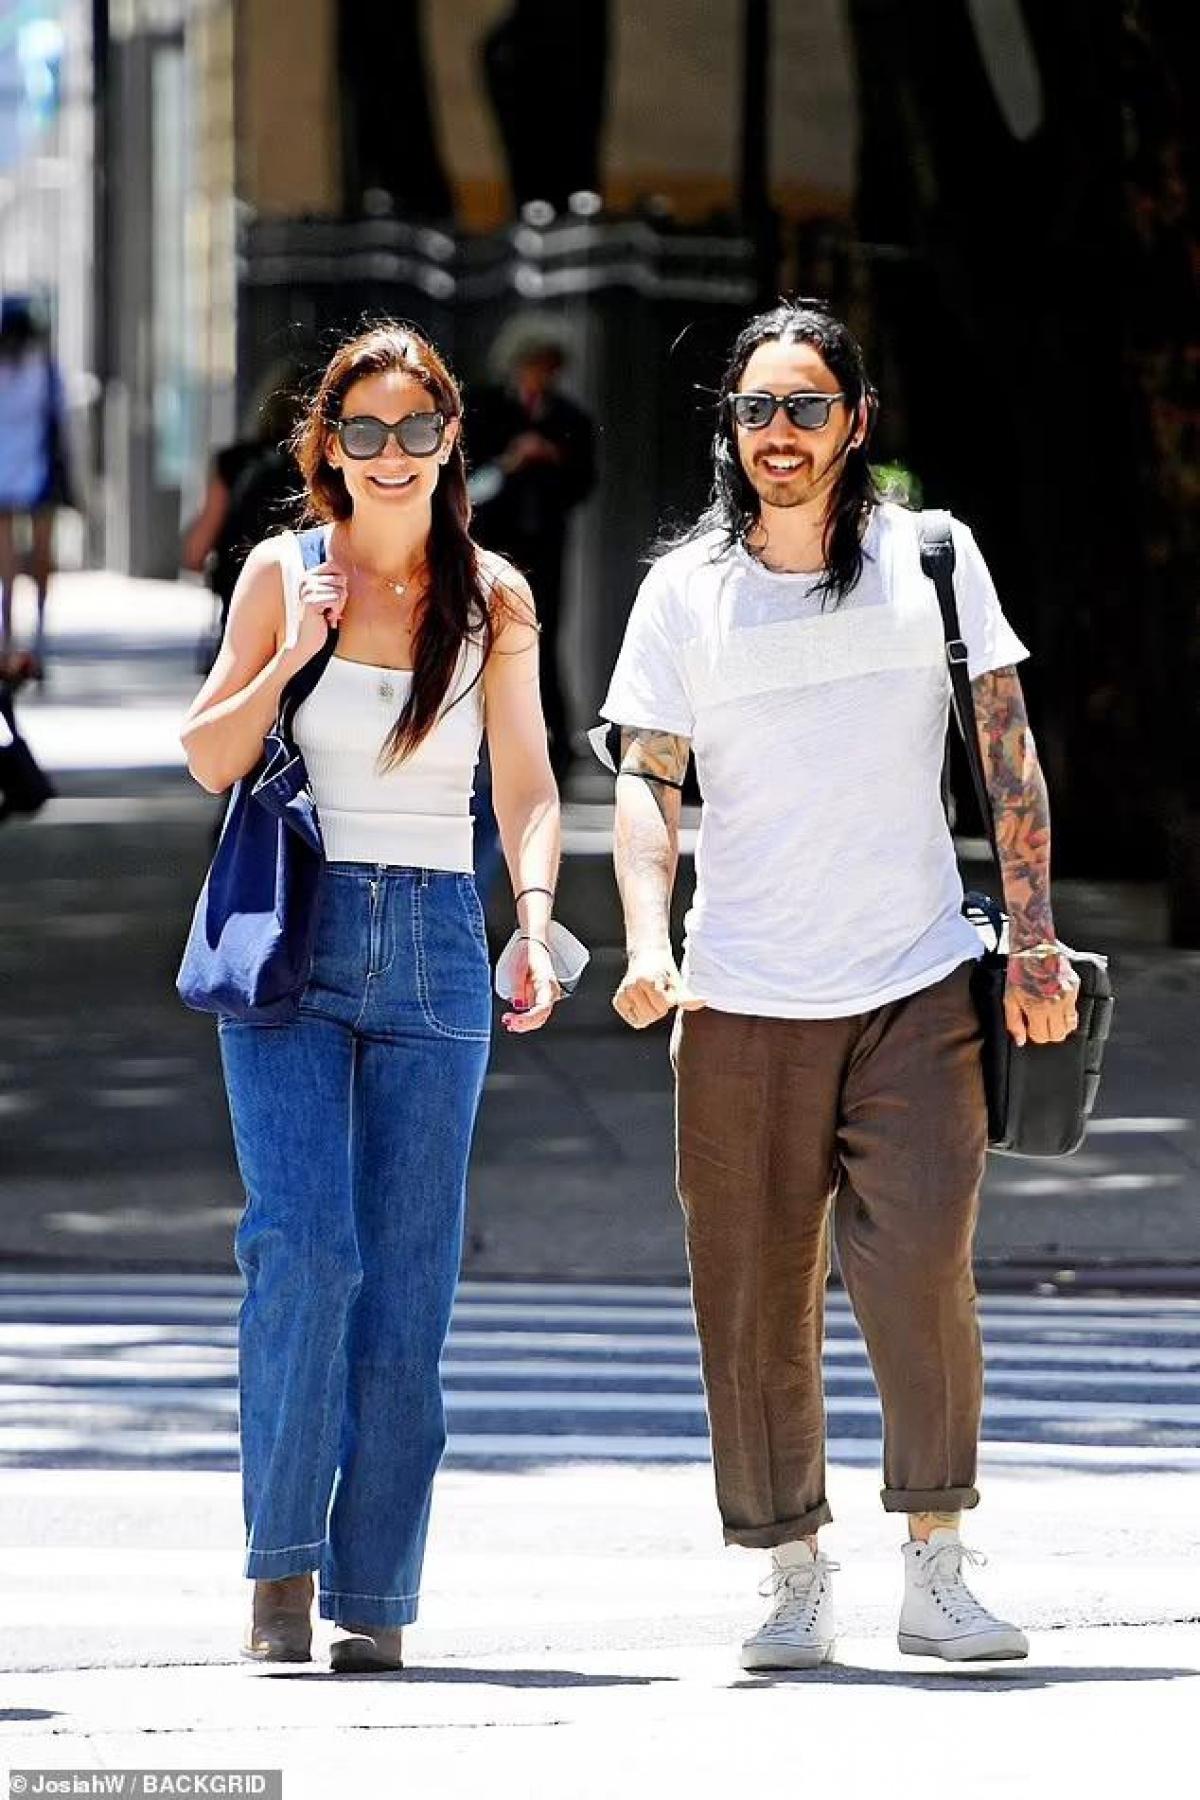 Mới đây, Katie Holmes bị cánh săn ảnh bắt gặp khi đang đi dạo phố cùng người đàn ông lạ mặt ở New York.